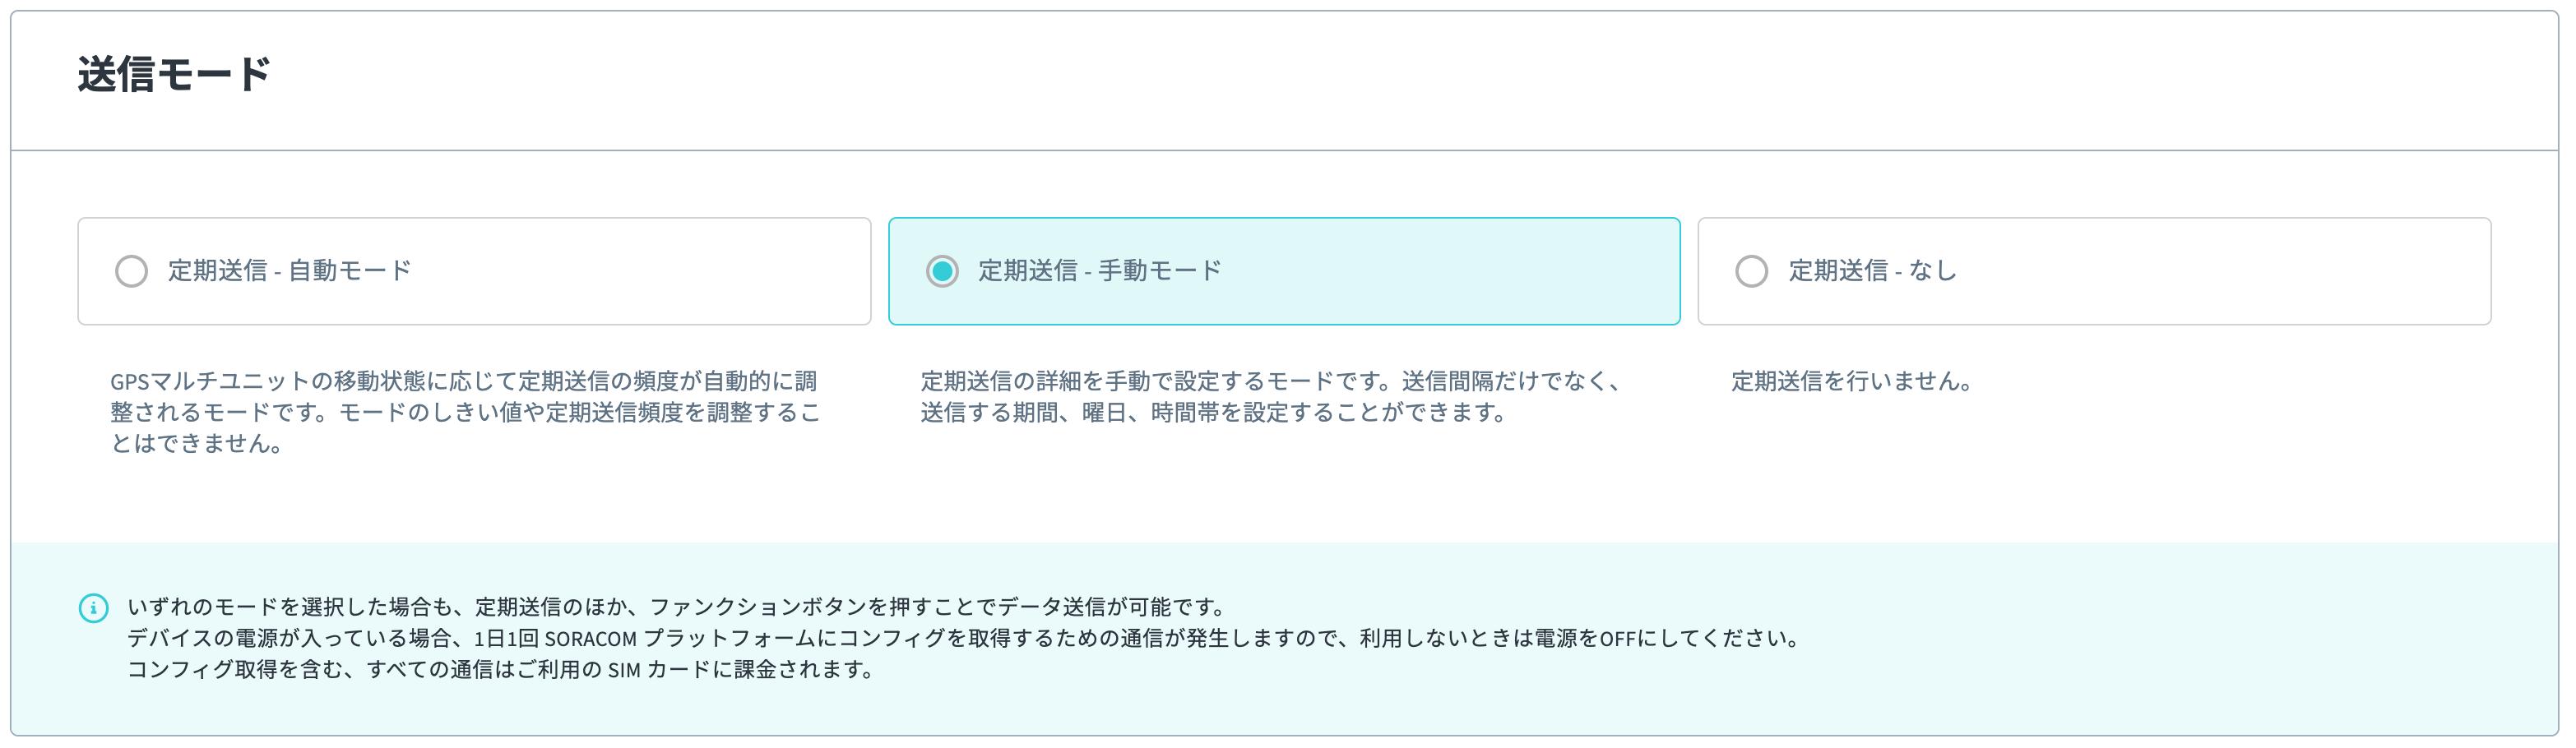 送信モード1